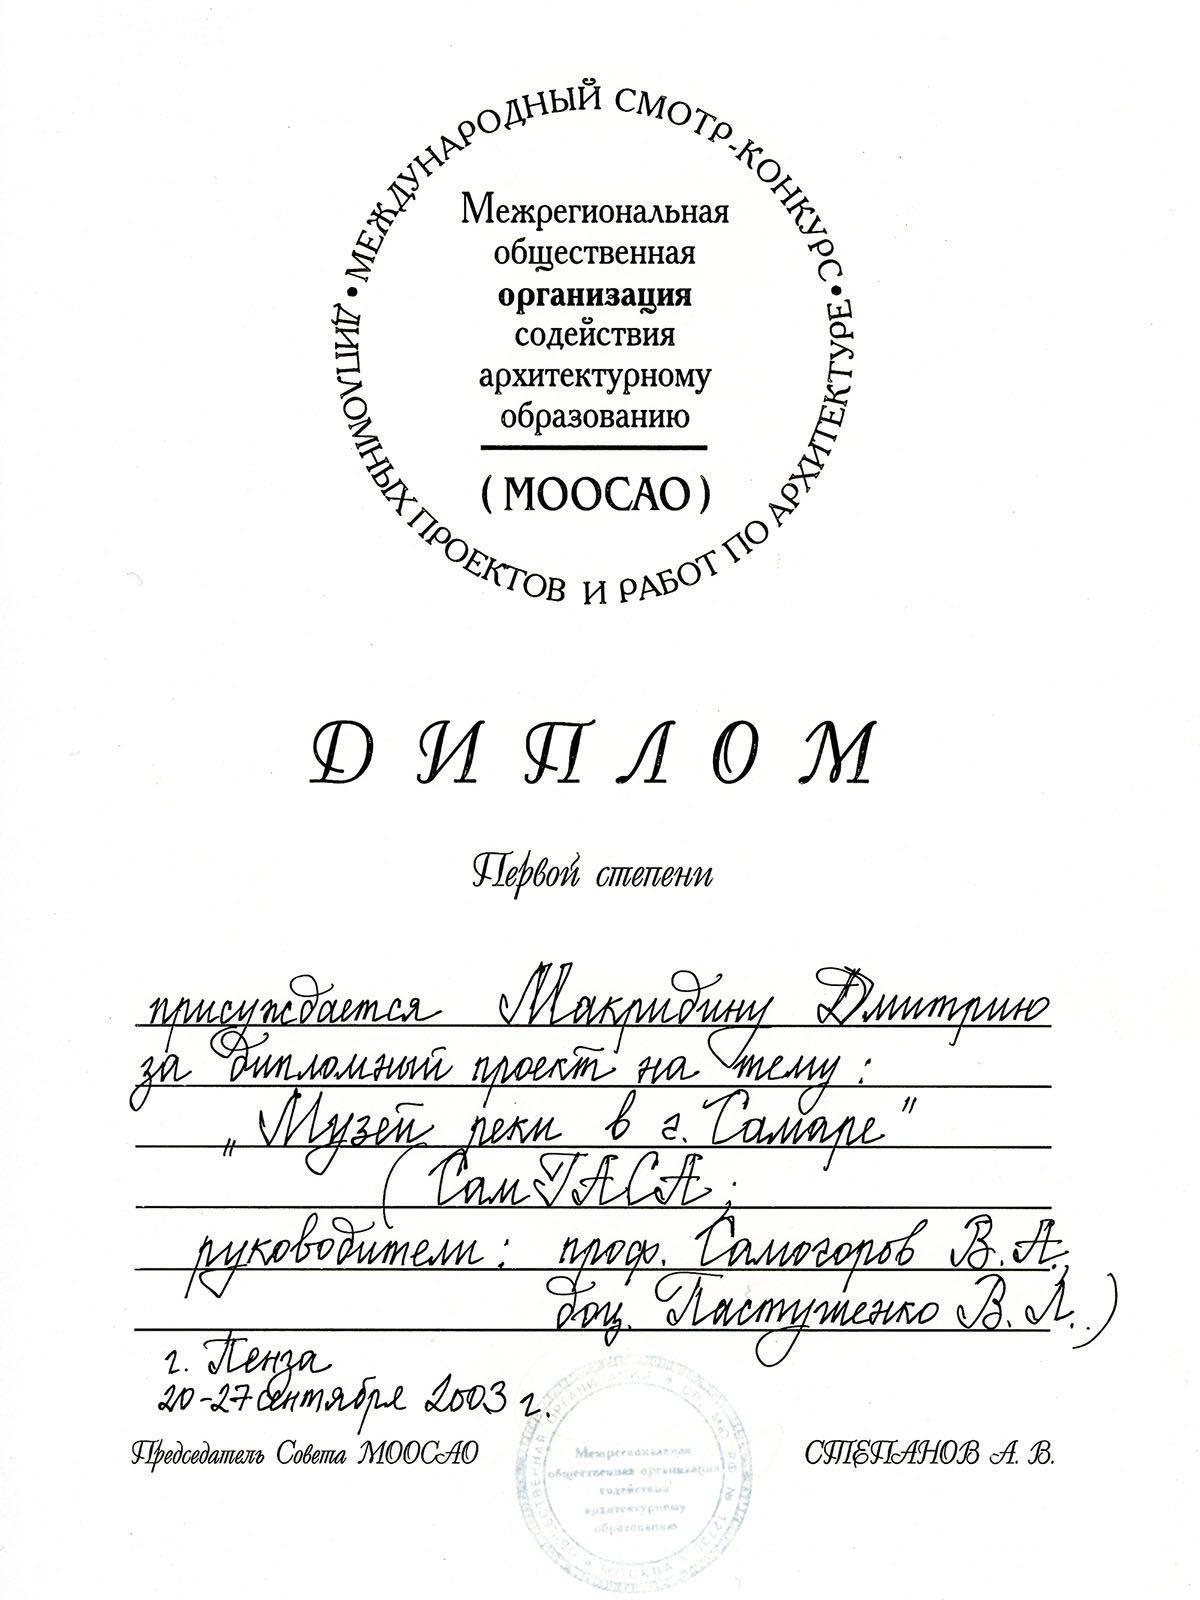 Международный смотр-конкурс дипломных проектов и работ по архитектуре 2003